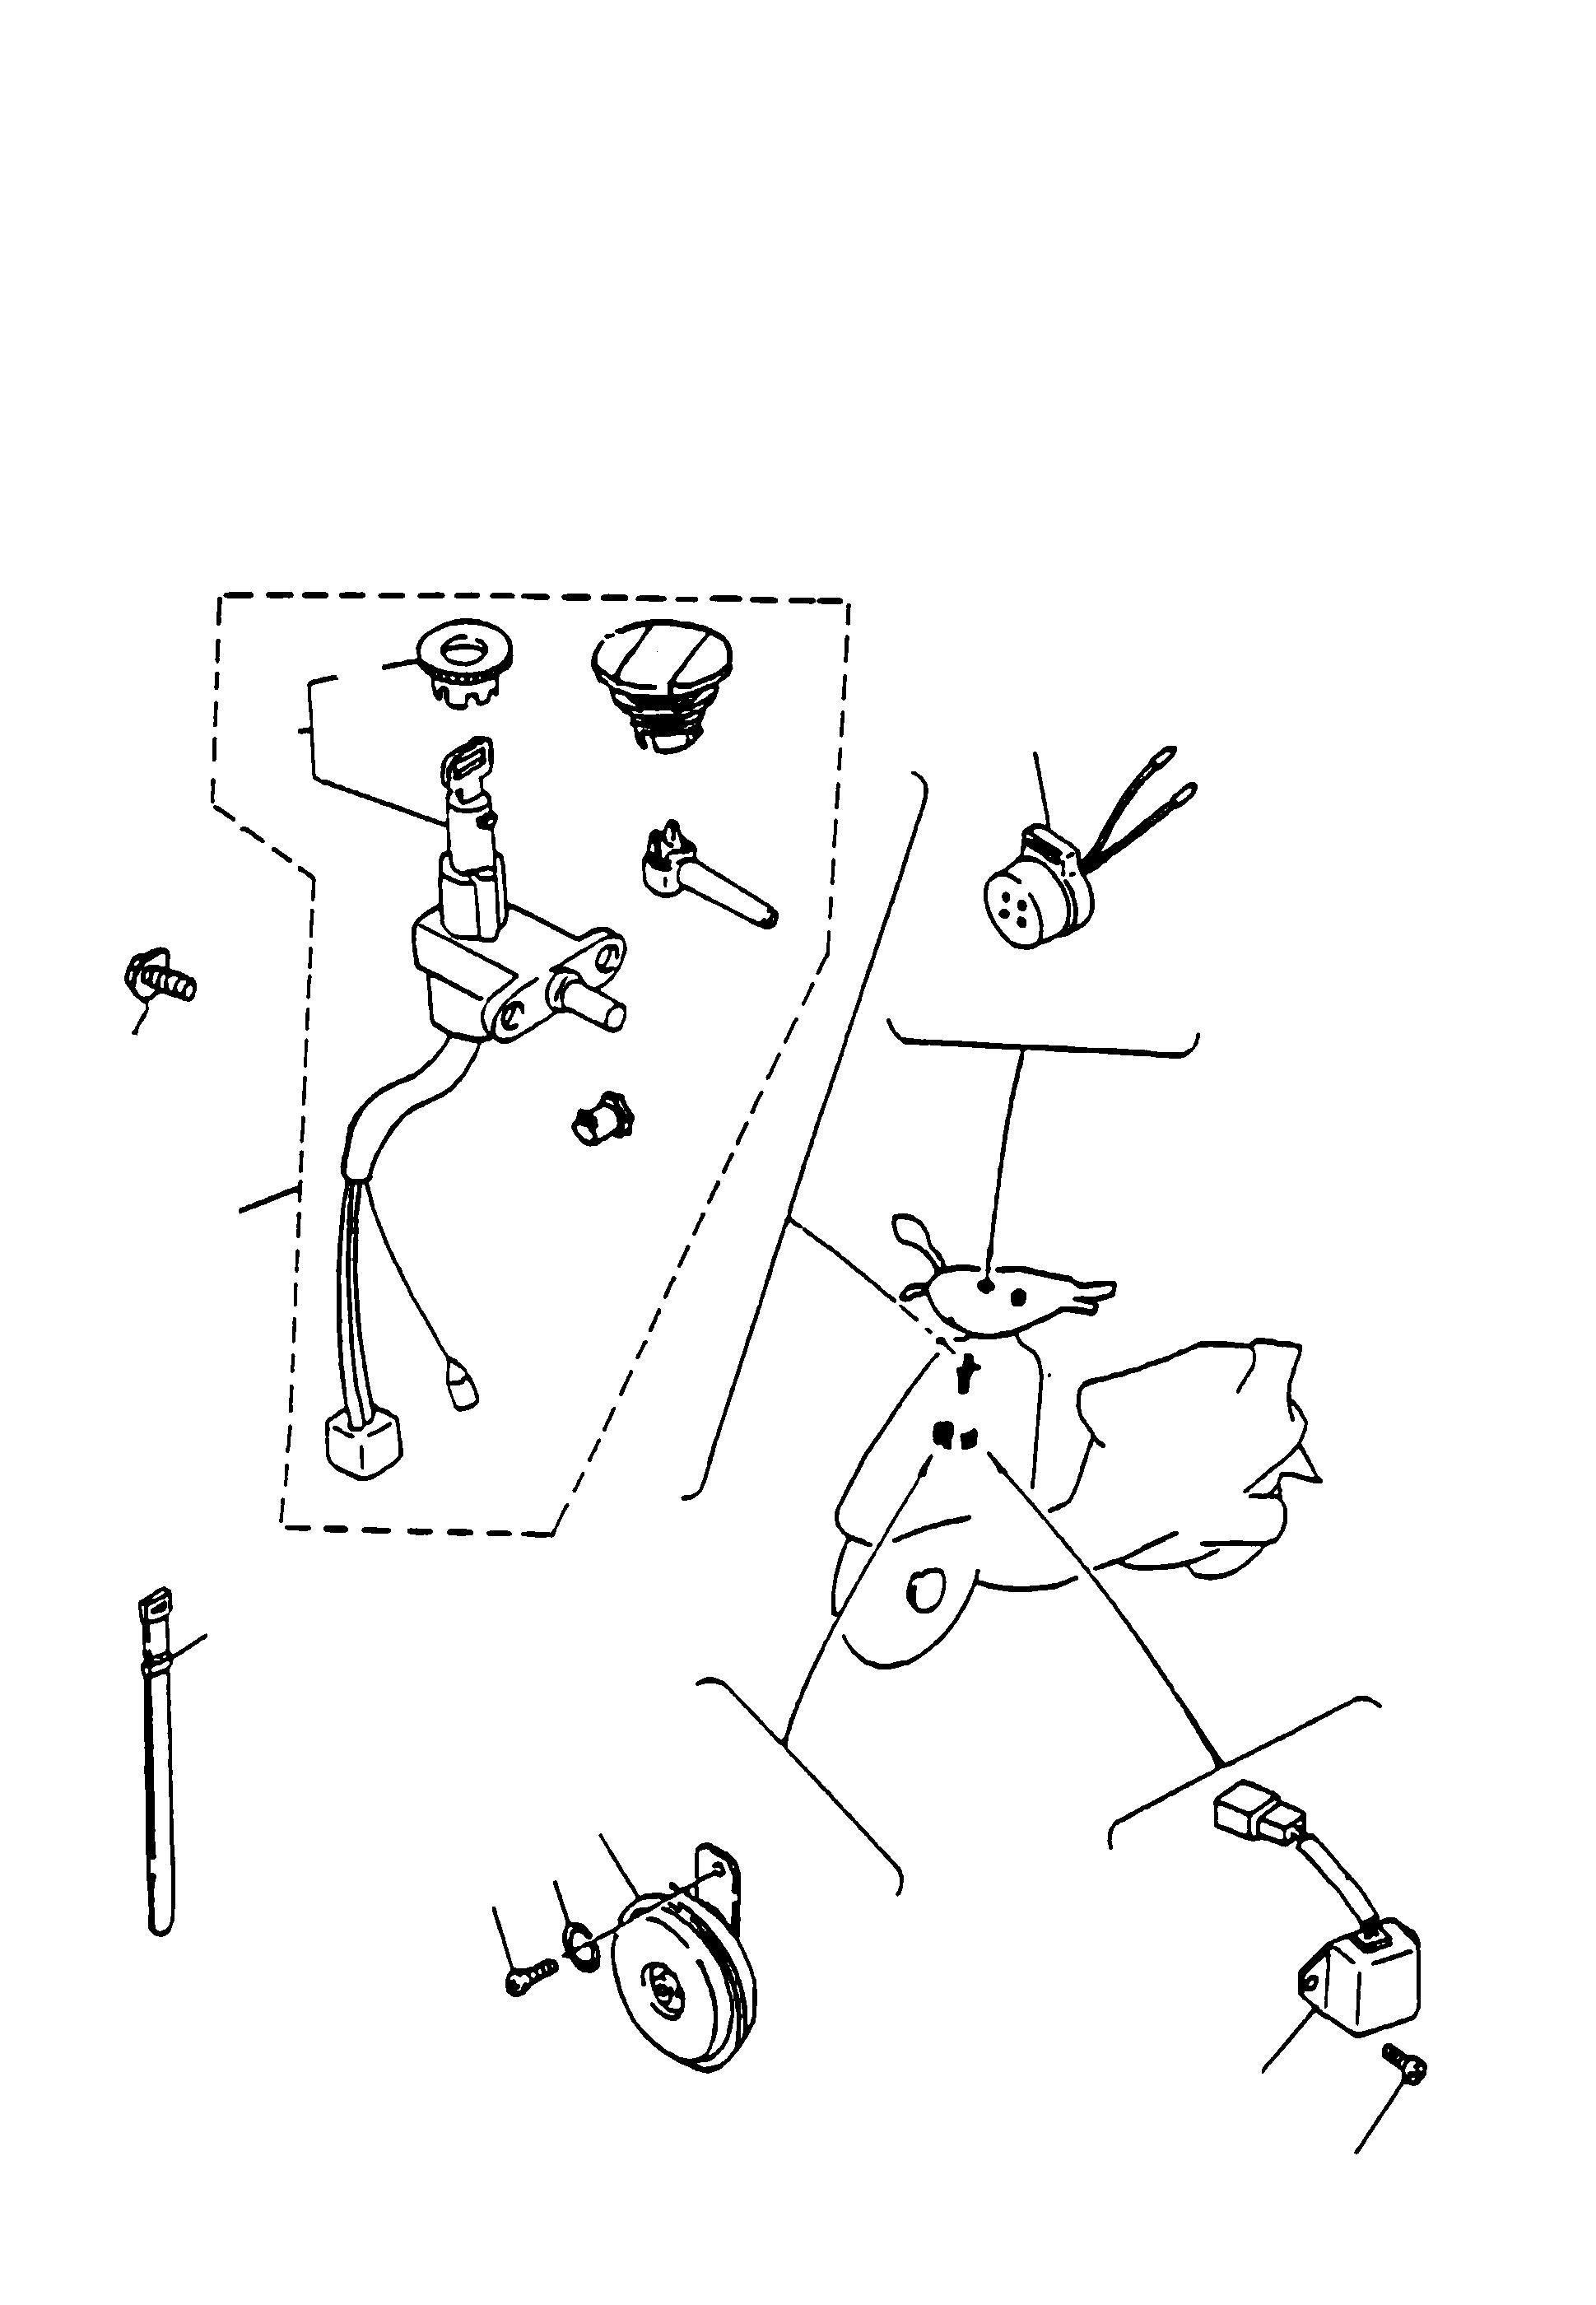 Zündschloß, Hupe, Blinkgeber, Regler